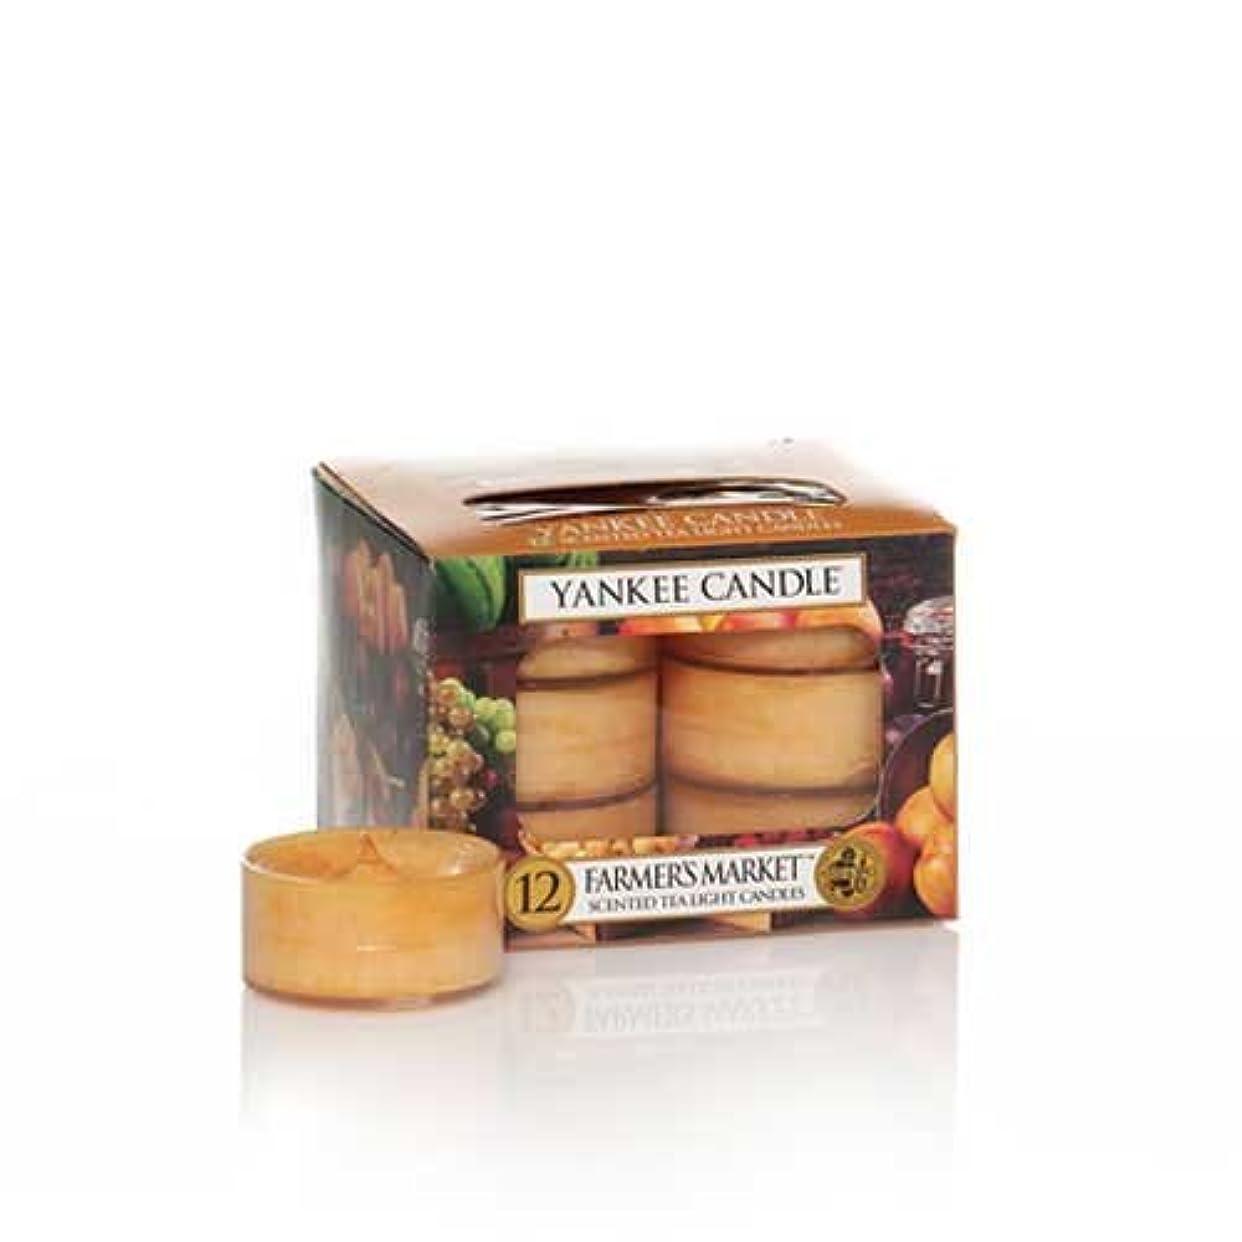 劇作家作る比喩Yankee Candle Farmer 's Market, Food & Spice香り Tea Light Candles オレンジ 1163587-YC